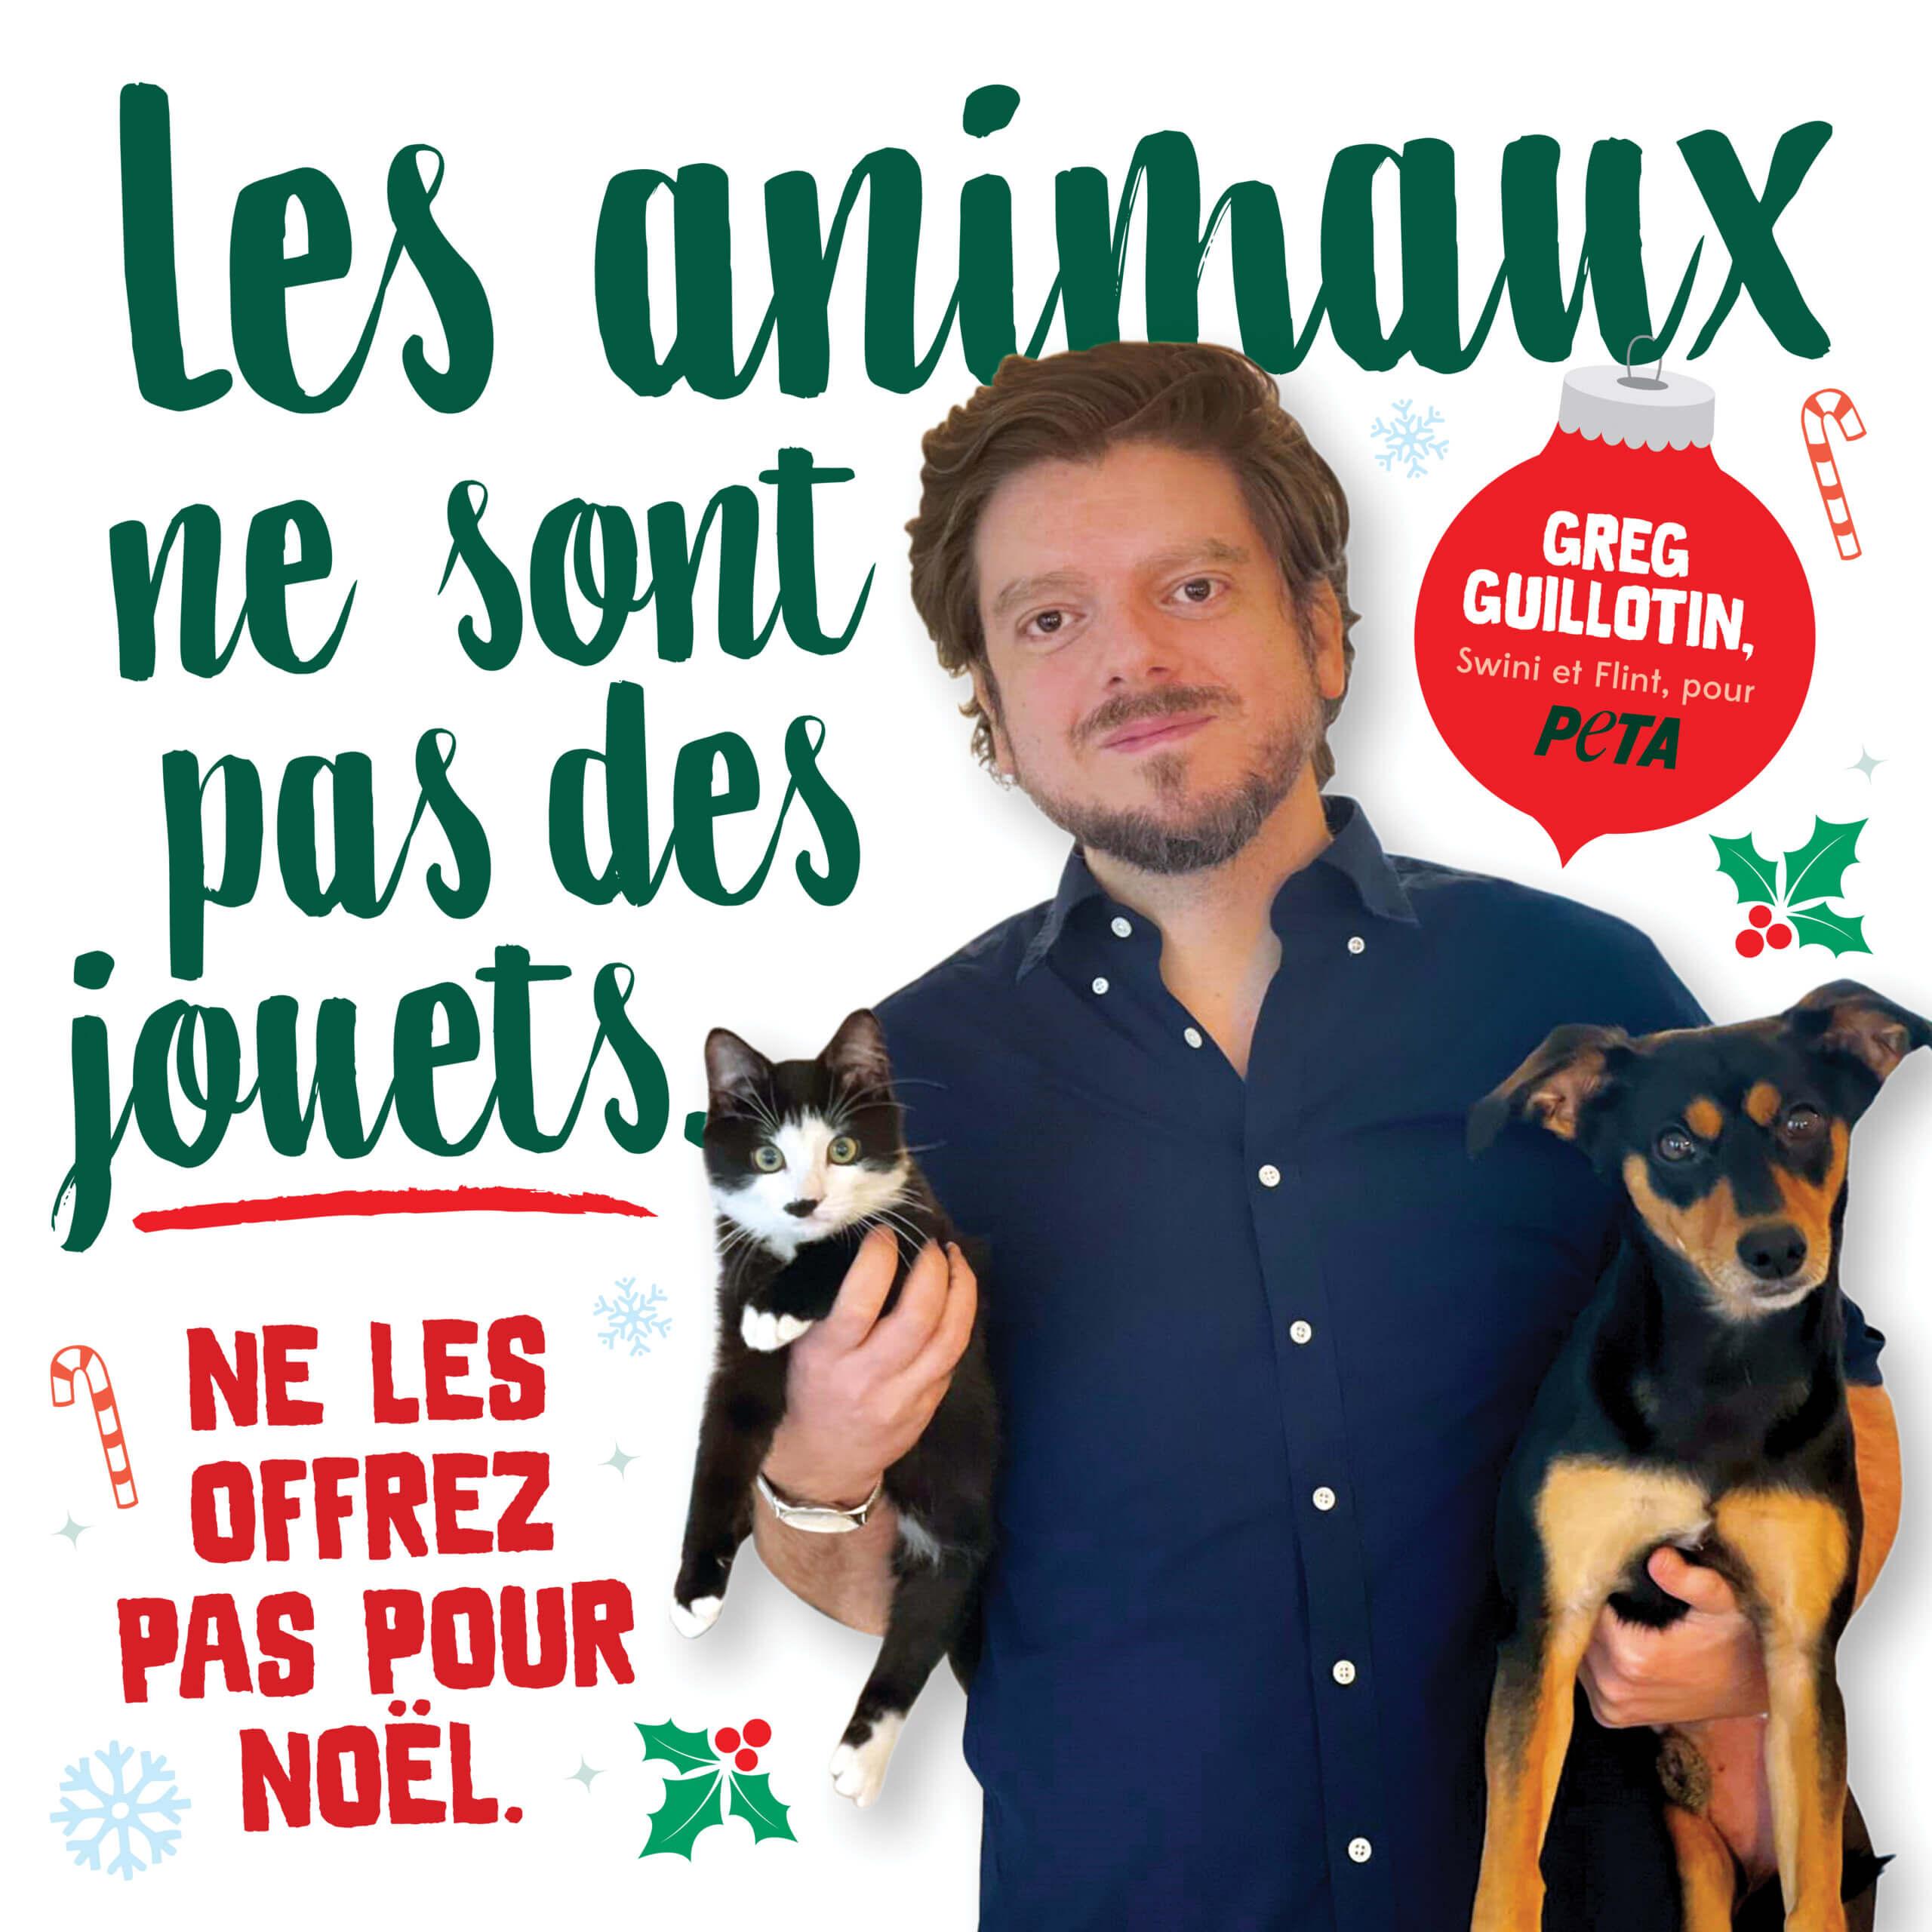 Greg Guillotin rappelle que les animaux ne sont pas des cadeaux de Noël